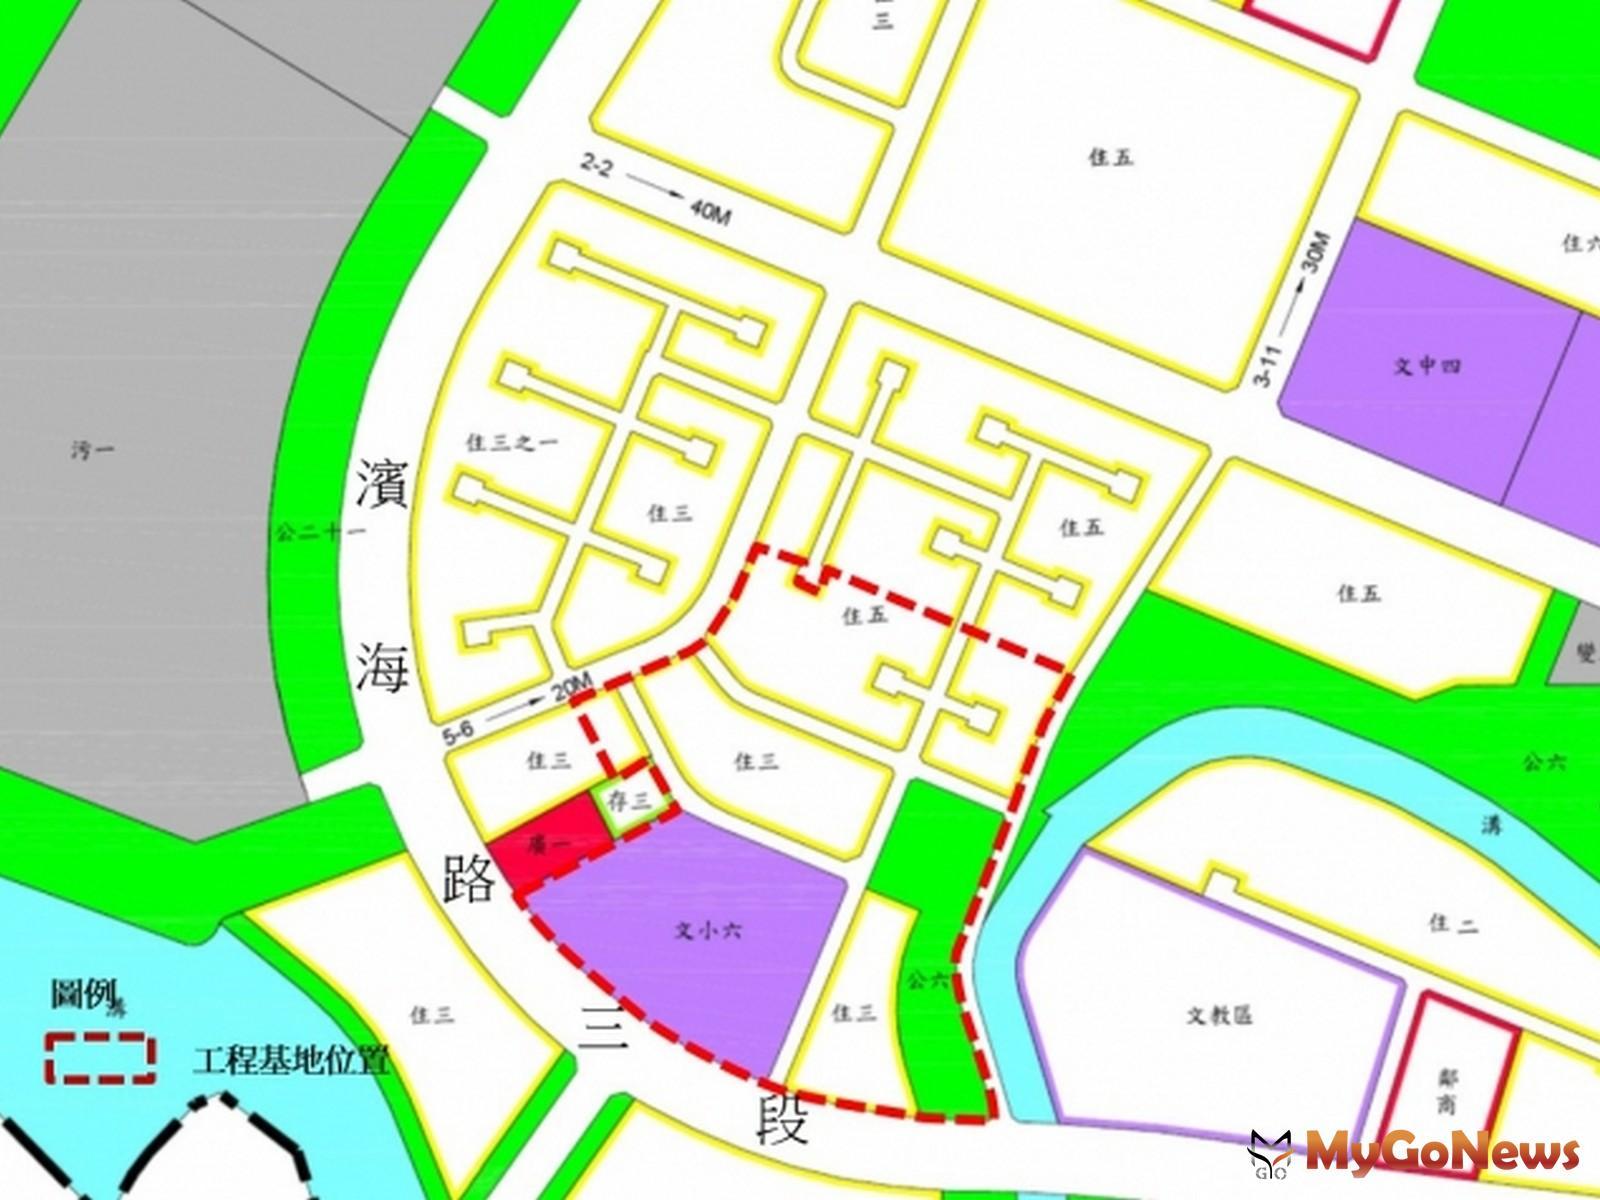 積極辦理淡海新市鎮「港平營區」舊址公共工程,完成第1期發展區最後一塊拼圖,國防部2020年完成搬遷並點交(圖/營建署) MyGoNews房地產新聞 區域情報